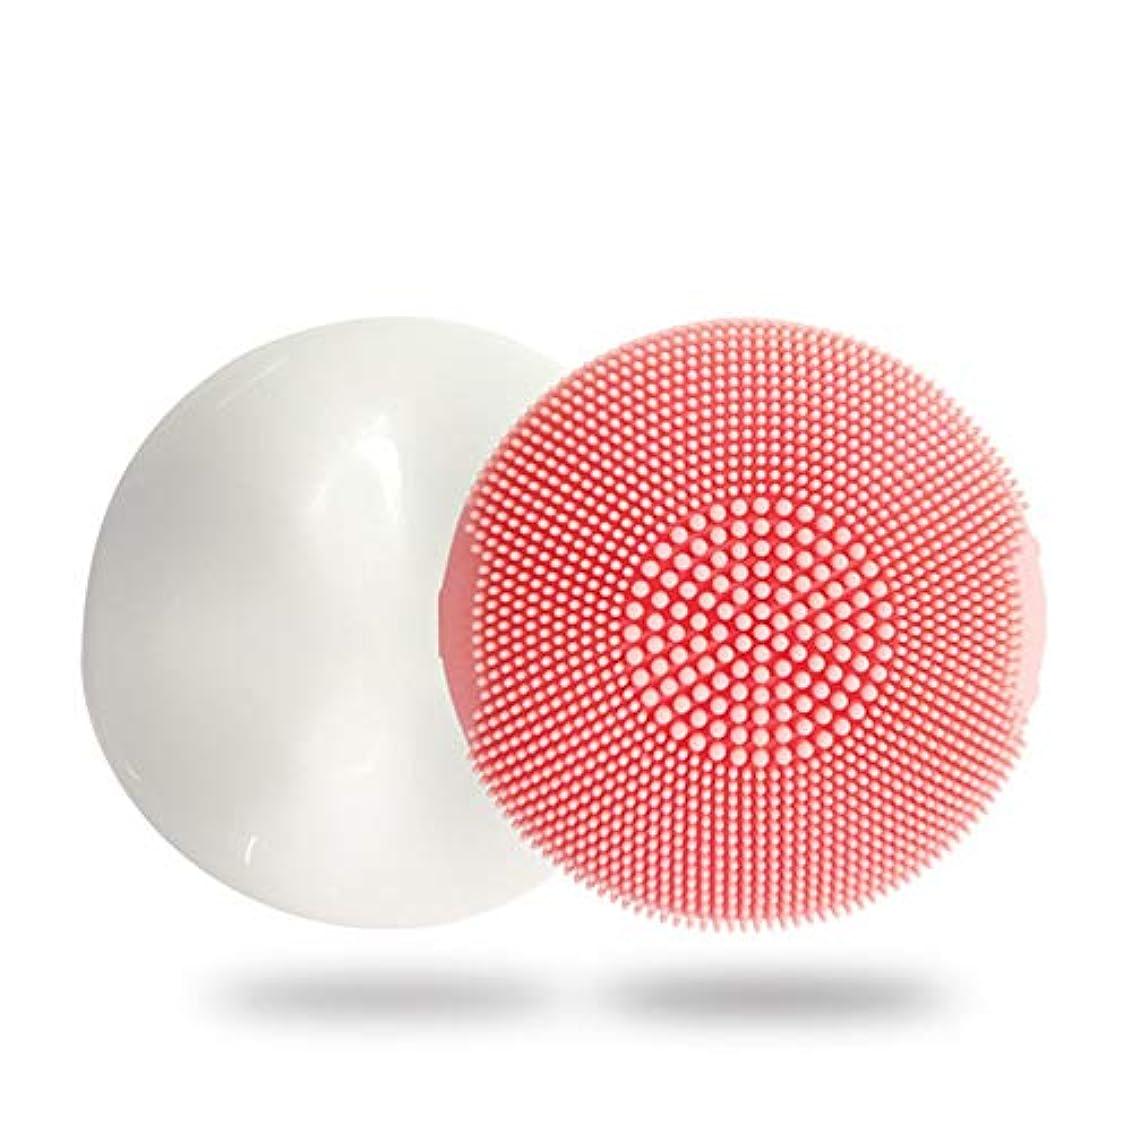 印象派私達変成器ZXF 新電動シリコーンクレンジングブラシディープクリーニングポア防水超音波振動クレンジング楽器マッサージ器具美容器具 滑らかである (色 : Pink)